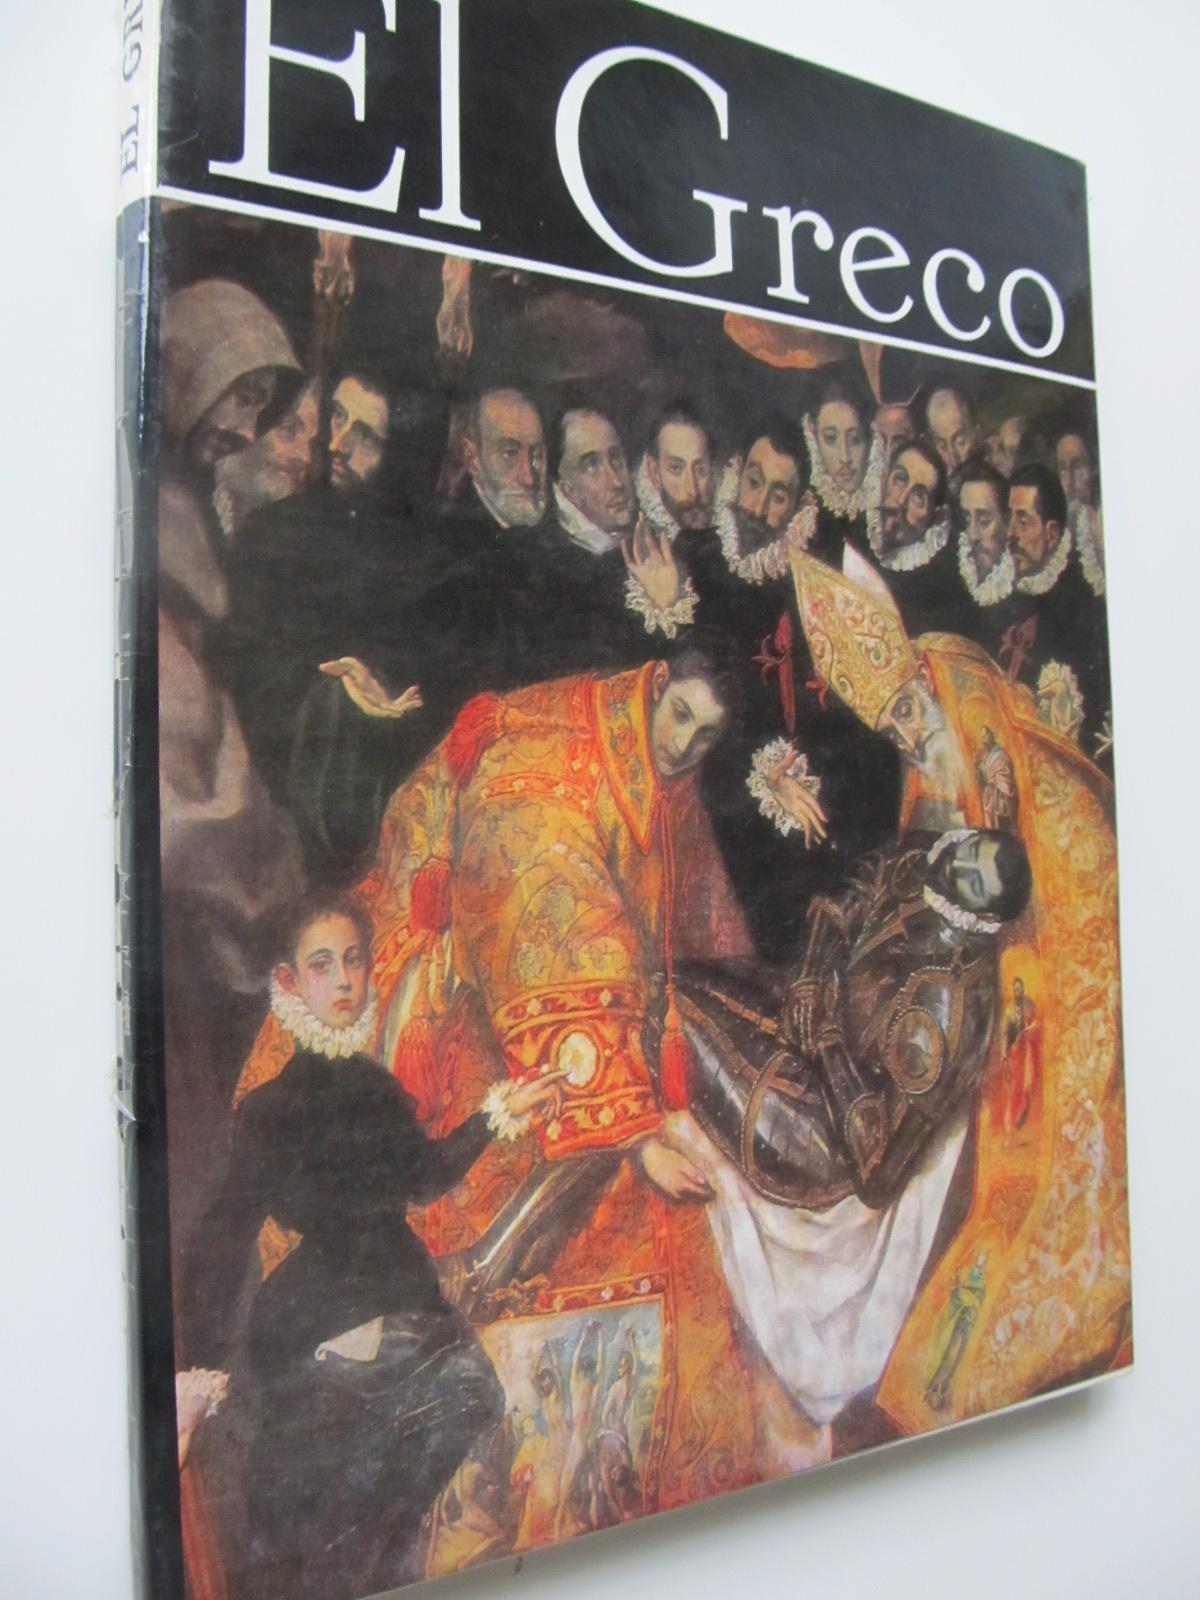 Carte El Greco (Album) - format foarte mare - Ioan Hotga , ..